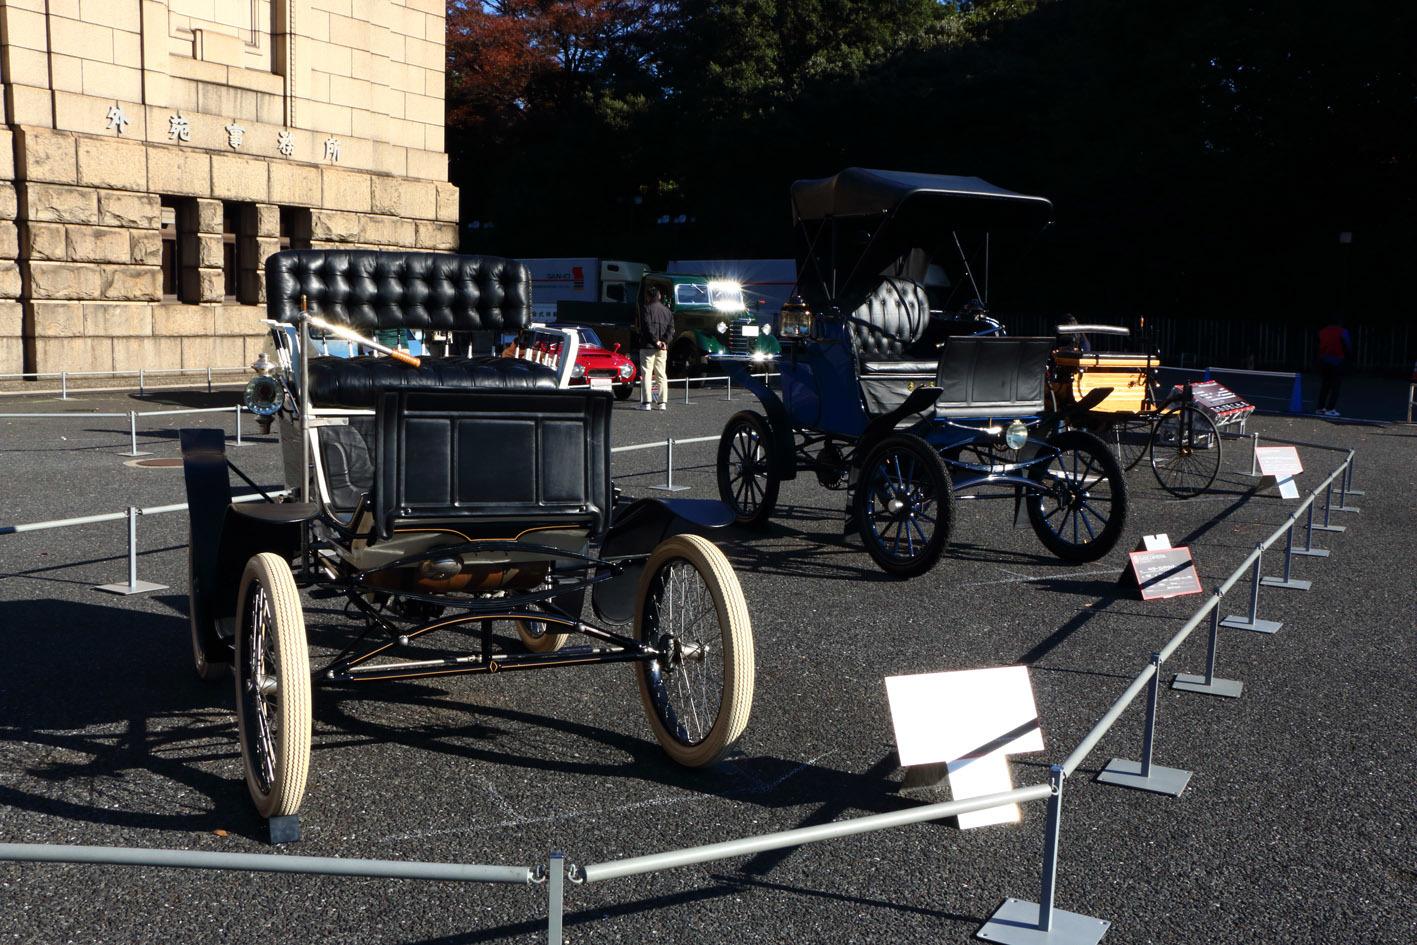 記念展示は、1900年前後活躍した、ガソリン車、電気自動車、蒸気自動車を展示。蒸気自動車のロコモビル スチームカーは、1901年から日本でも販売されていたという